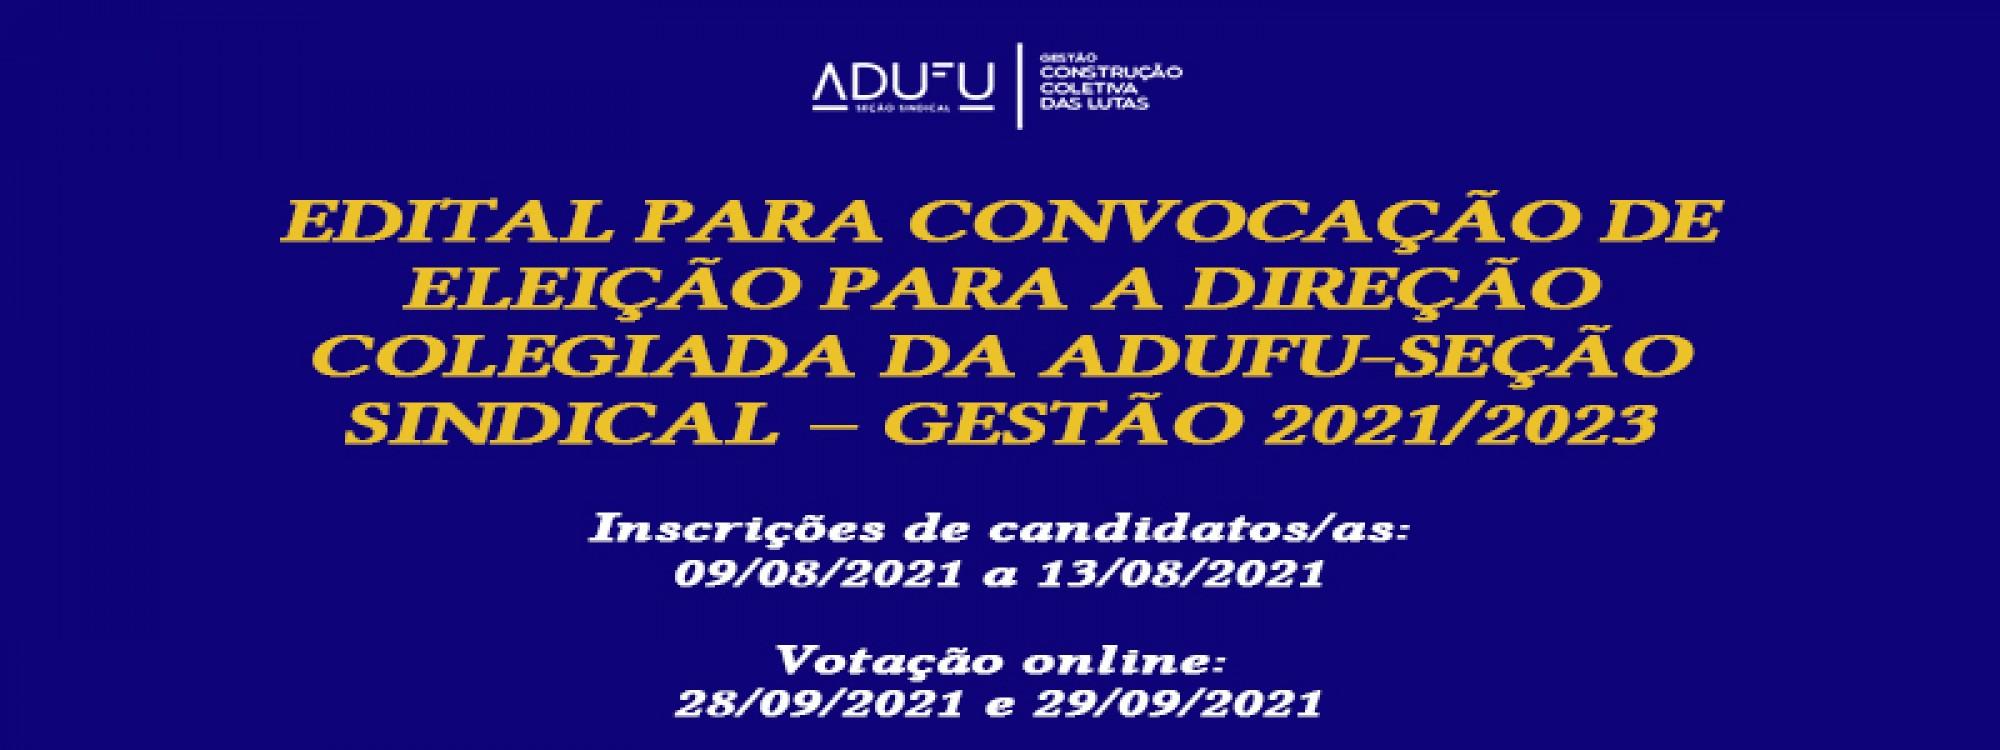 Edital para convocação de eleição para a Direção Colegiada da ADUFU - Seção Sindical - Gestão 2021/2023